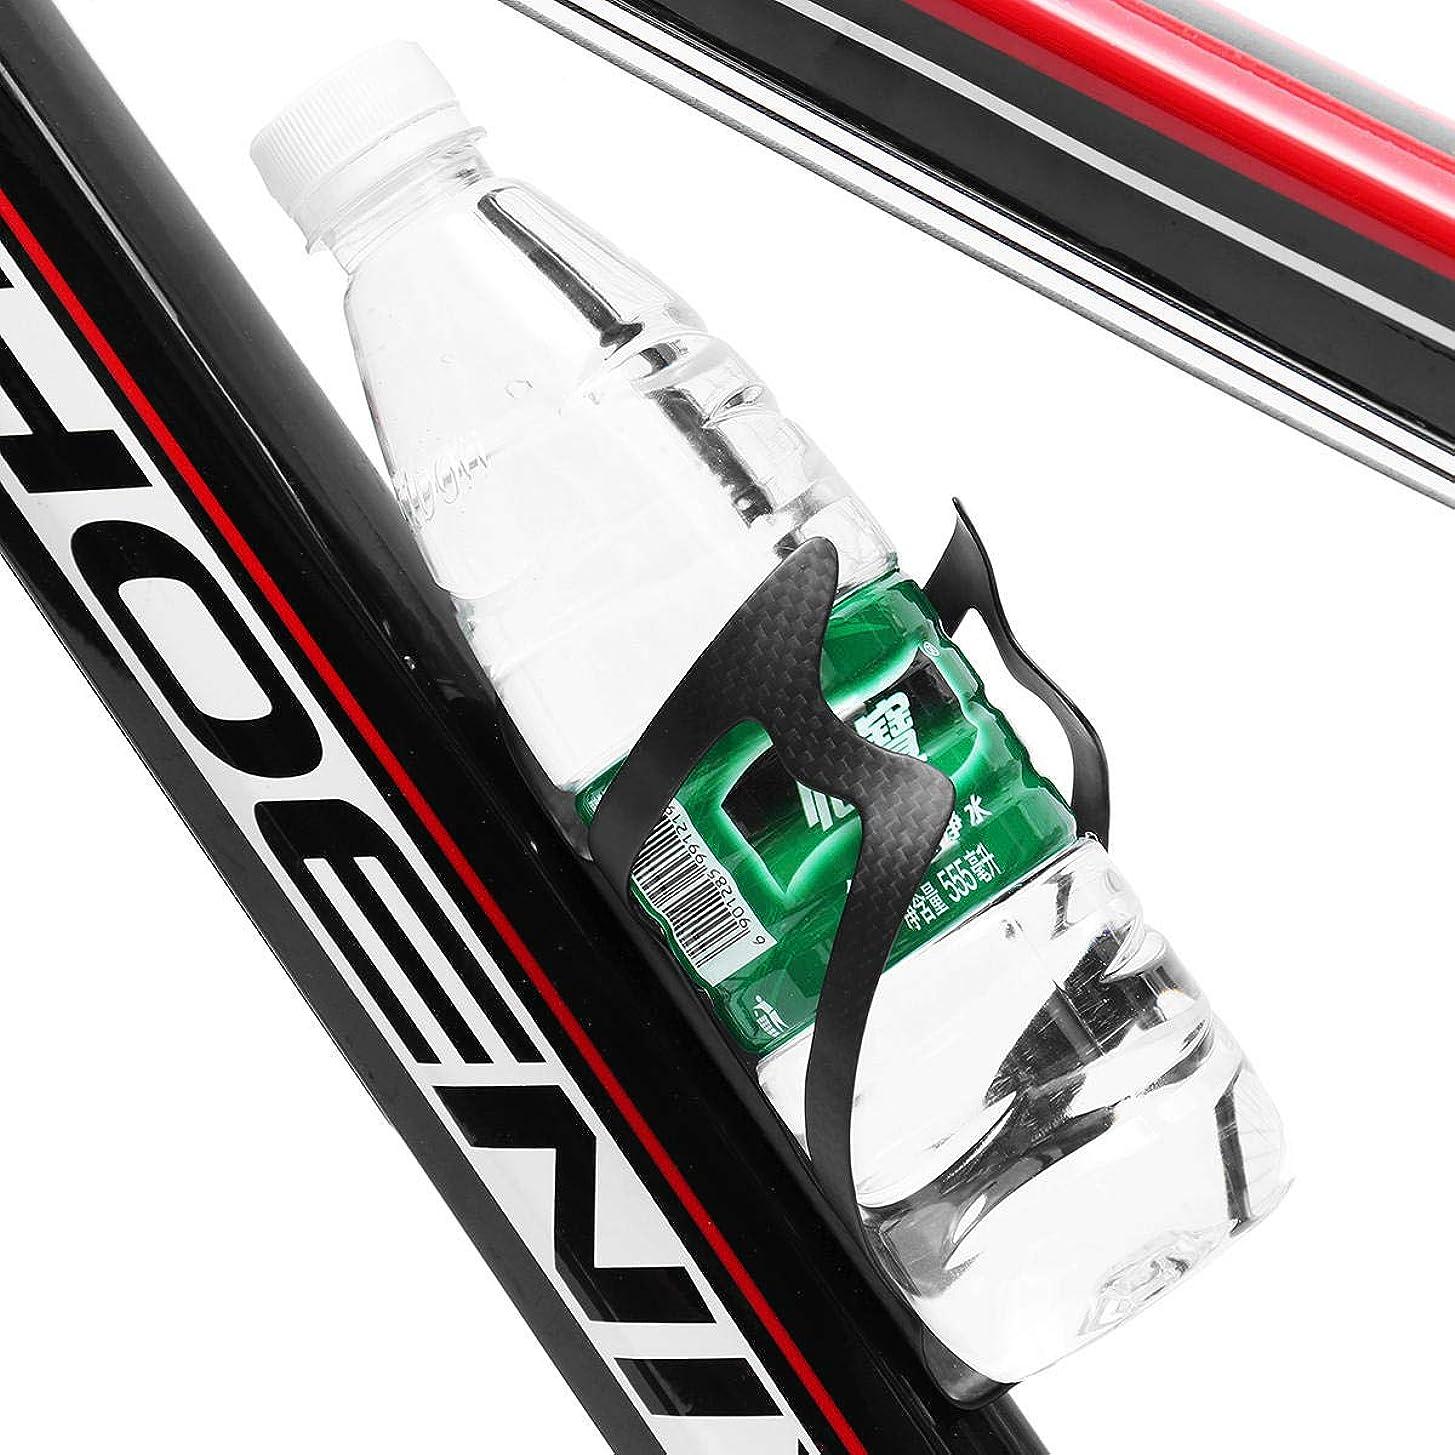 顕微鏡するだろうニコチンFreelance Shop スポーツ 3K フルカーボンファイバー マウンテンロード 自転車 自転車 ウォーターボトルホルダー ケージ ドリンクホルダーラック